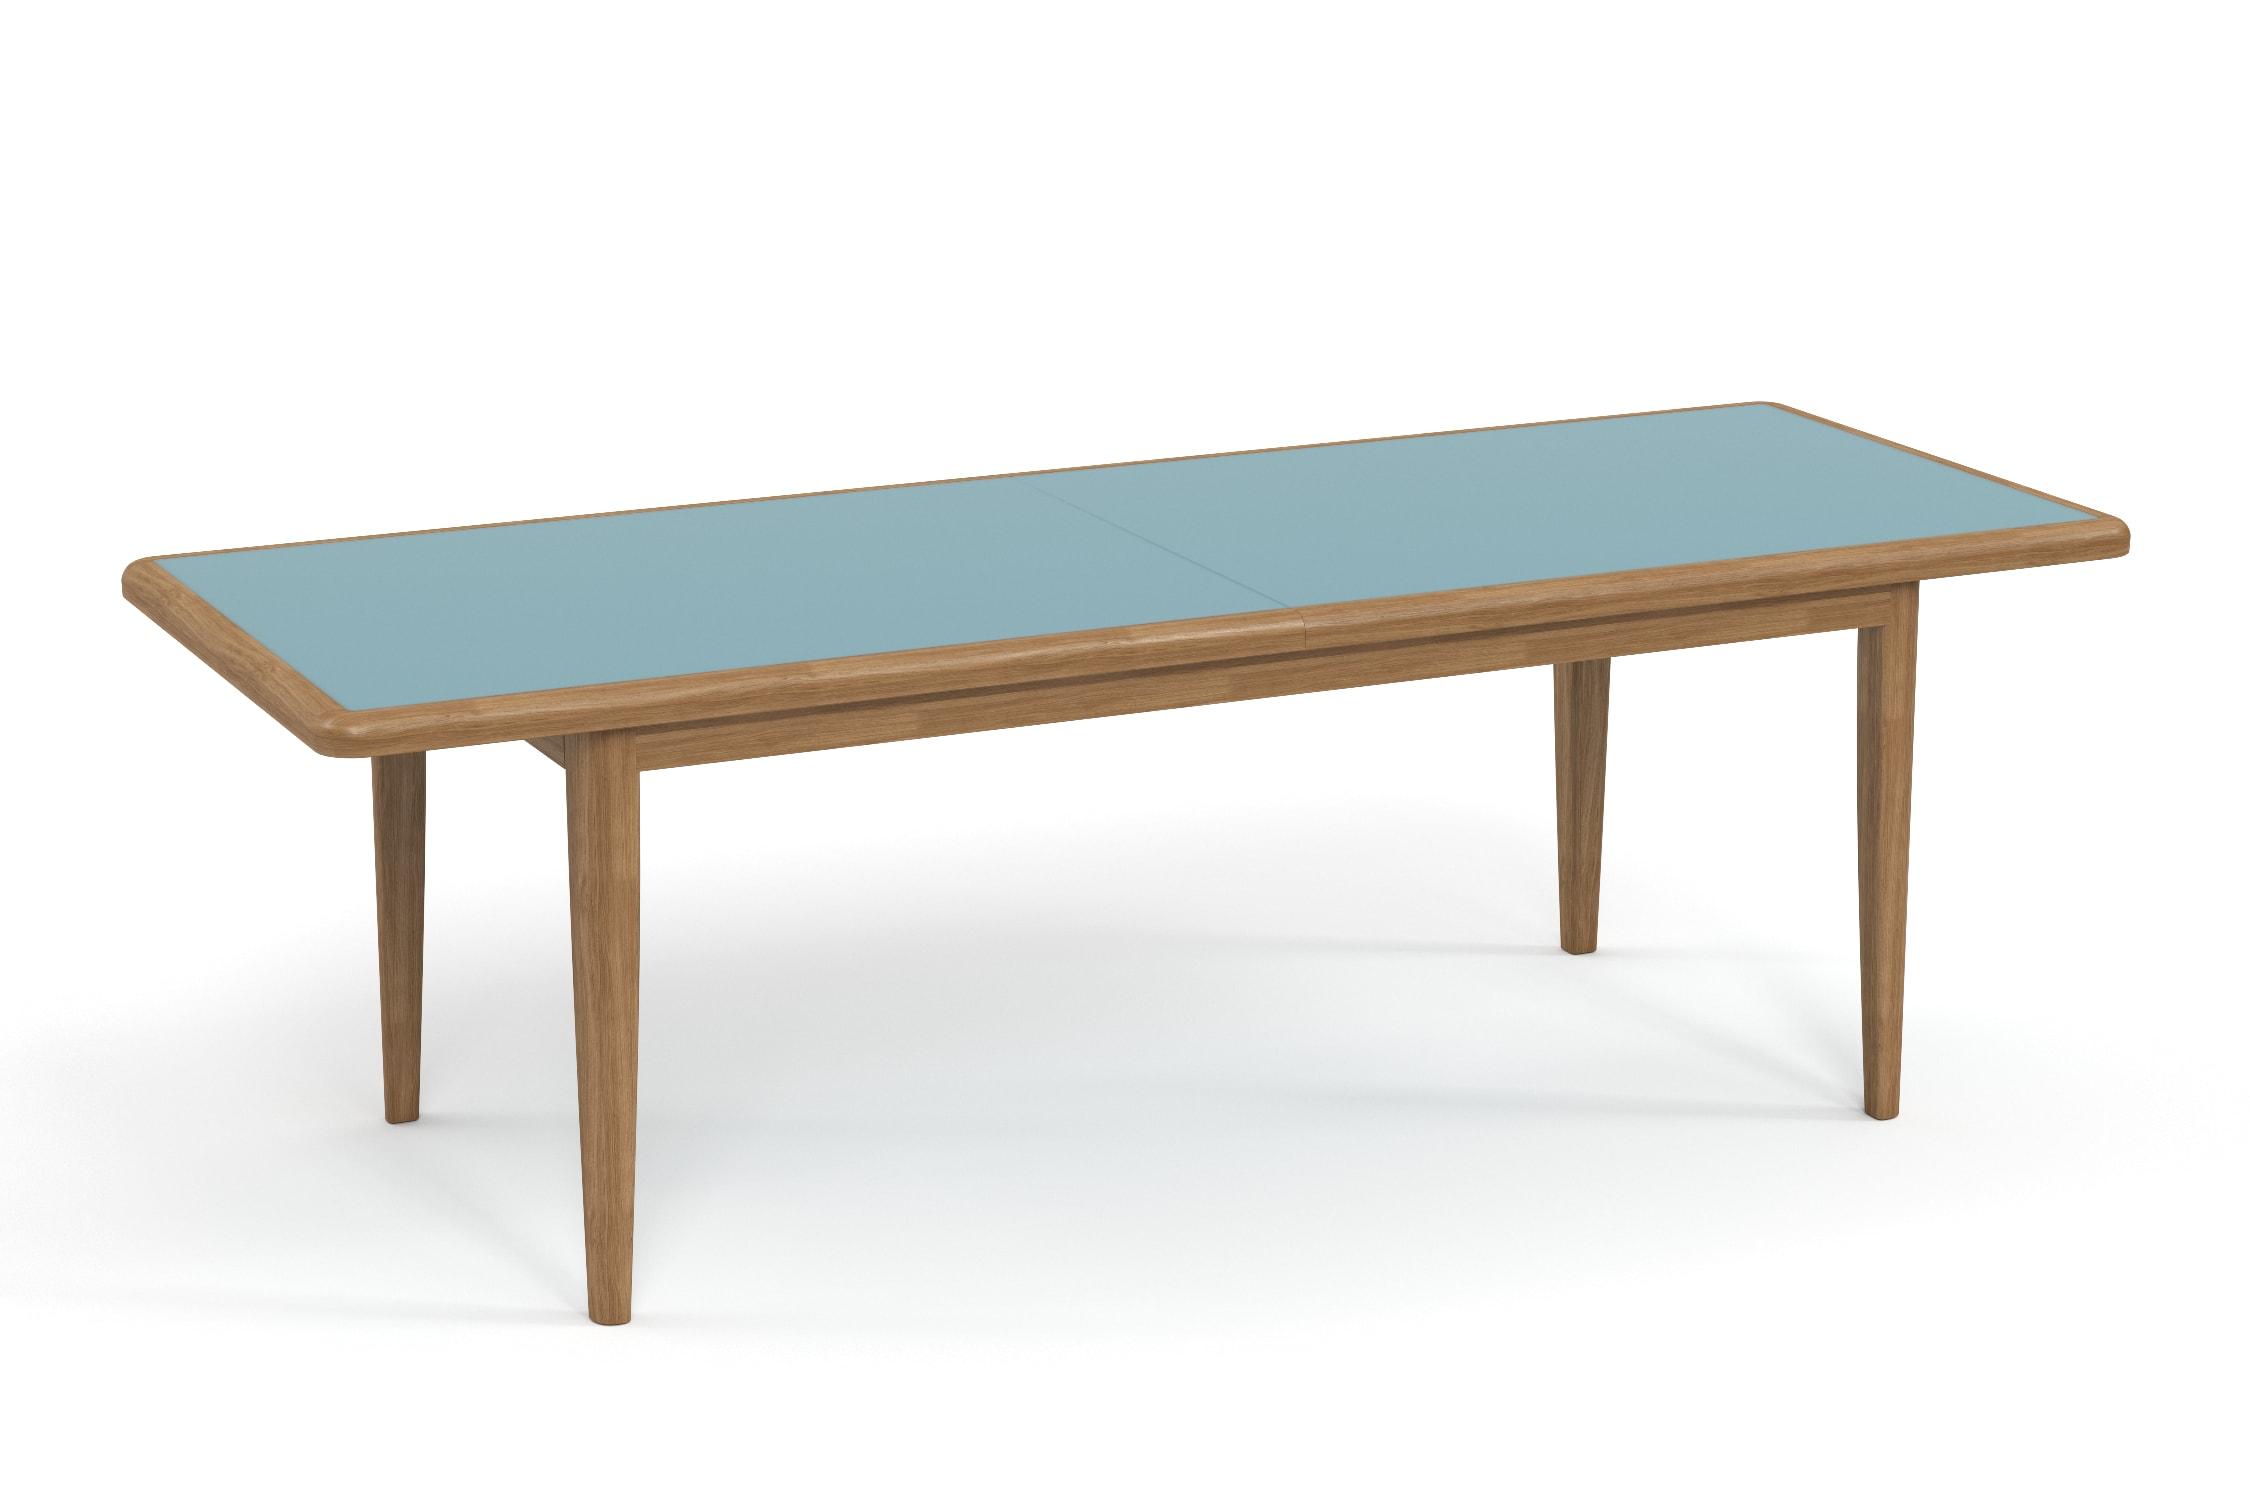 Стол обеденный SeagullСтолы и столики для сада<br>Коллекция SEAGULL – воплощение природной простоты и естественного совершенства. Мебель привлекает тёплыми тонами, уникальностью материала и идеальными пропорциями. Стеклянные столешницы обеденных и журнальных столов по цвету гармонируют с тканью подушек, удобные диваны и «утопающие» кресла дарят ощущения спокойствия и комфорта.&amp;nbsp;Тик – прочная и твердая древесина, относится к ценным породам. Имеет темно-золотистый цвет и сохраняет его на протяжении очень длительного срока. Со временем приобретает благородный темно-серый или темно-коричневый цвет. Благодаря высокому содержанию природных масел, обладает высокой стойкостью против гниения, кислот и щелочей, не вызывает коррозию металлов. Тик содержит кислоты кремния и танина, придающие материалу стойкость к воздействию вредных внешних факторов. Древесина тика не подвержена воздействию термитов, не требует дополнительной антибактериальной обработки. Мебель из тика допускает круглогодичную эксплуатацию на открытом воздухе, выдерживает перепады температур от –30 до +30С. Срок службы более 25 лет.&amp;nbsp;Вся фурнитура изготовлена из нержавеющей стали на собственном производстве.&amp;nbsp;<br><br><br><br>kit: None<br>gender: None